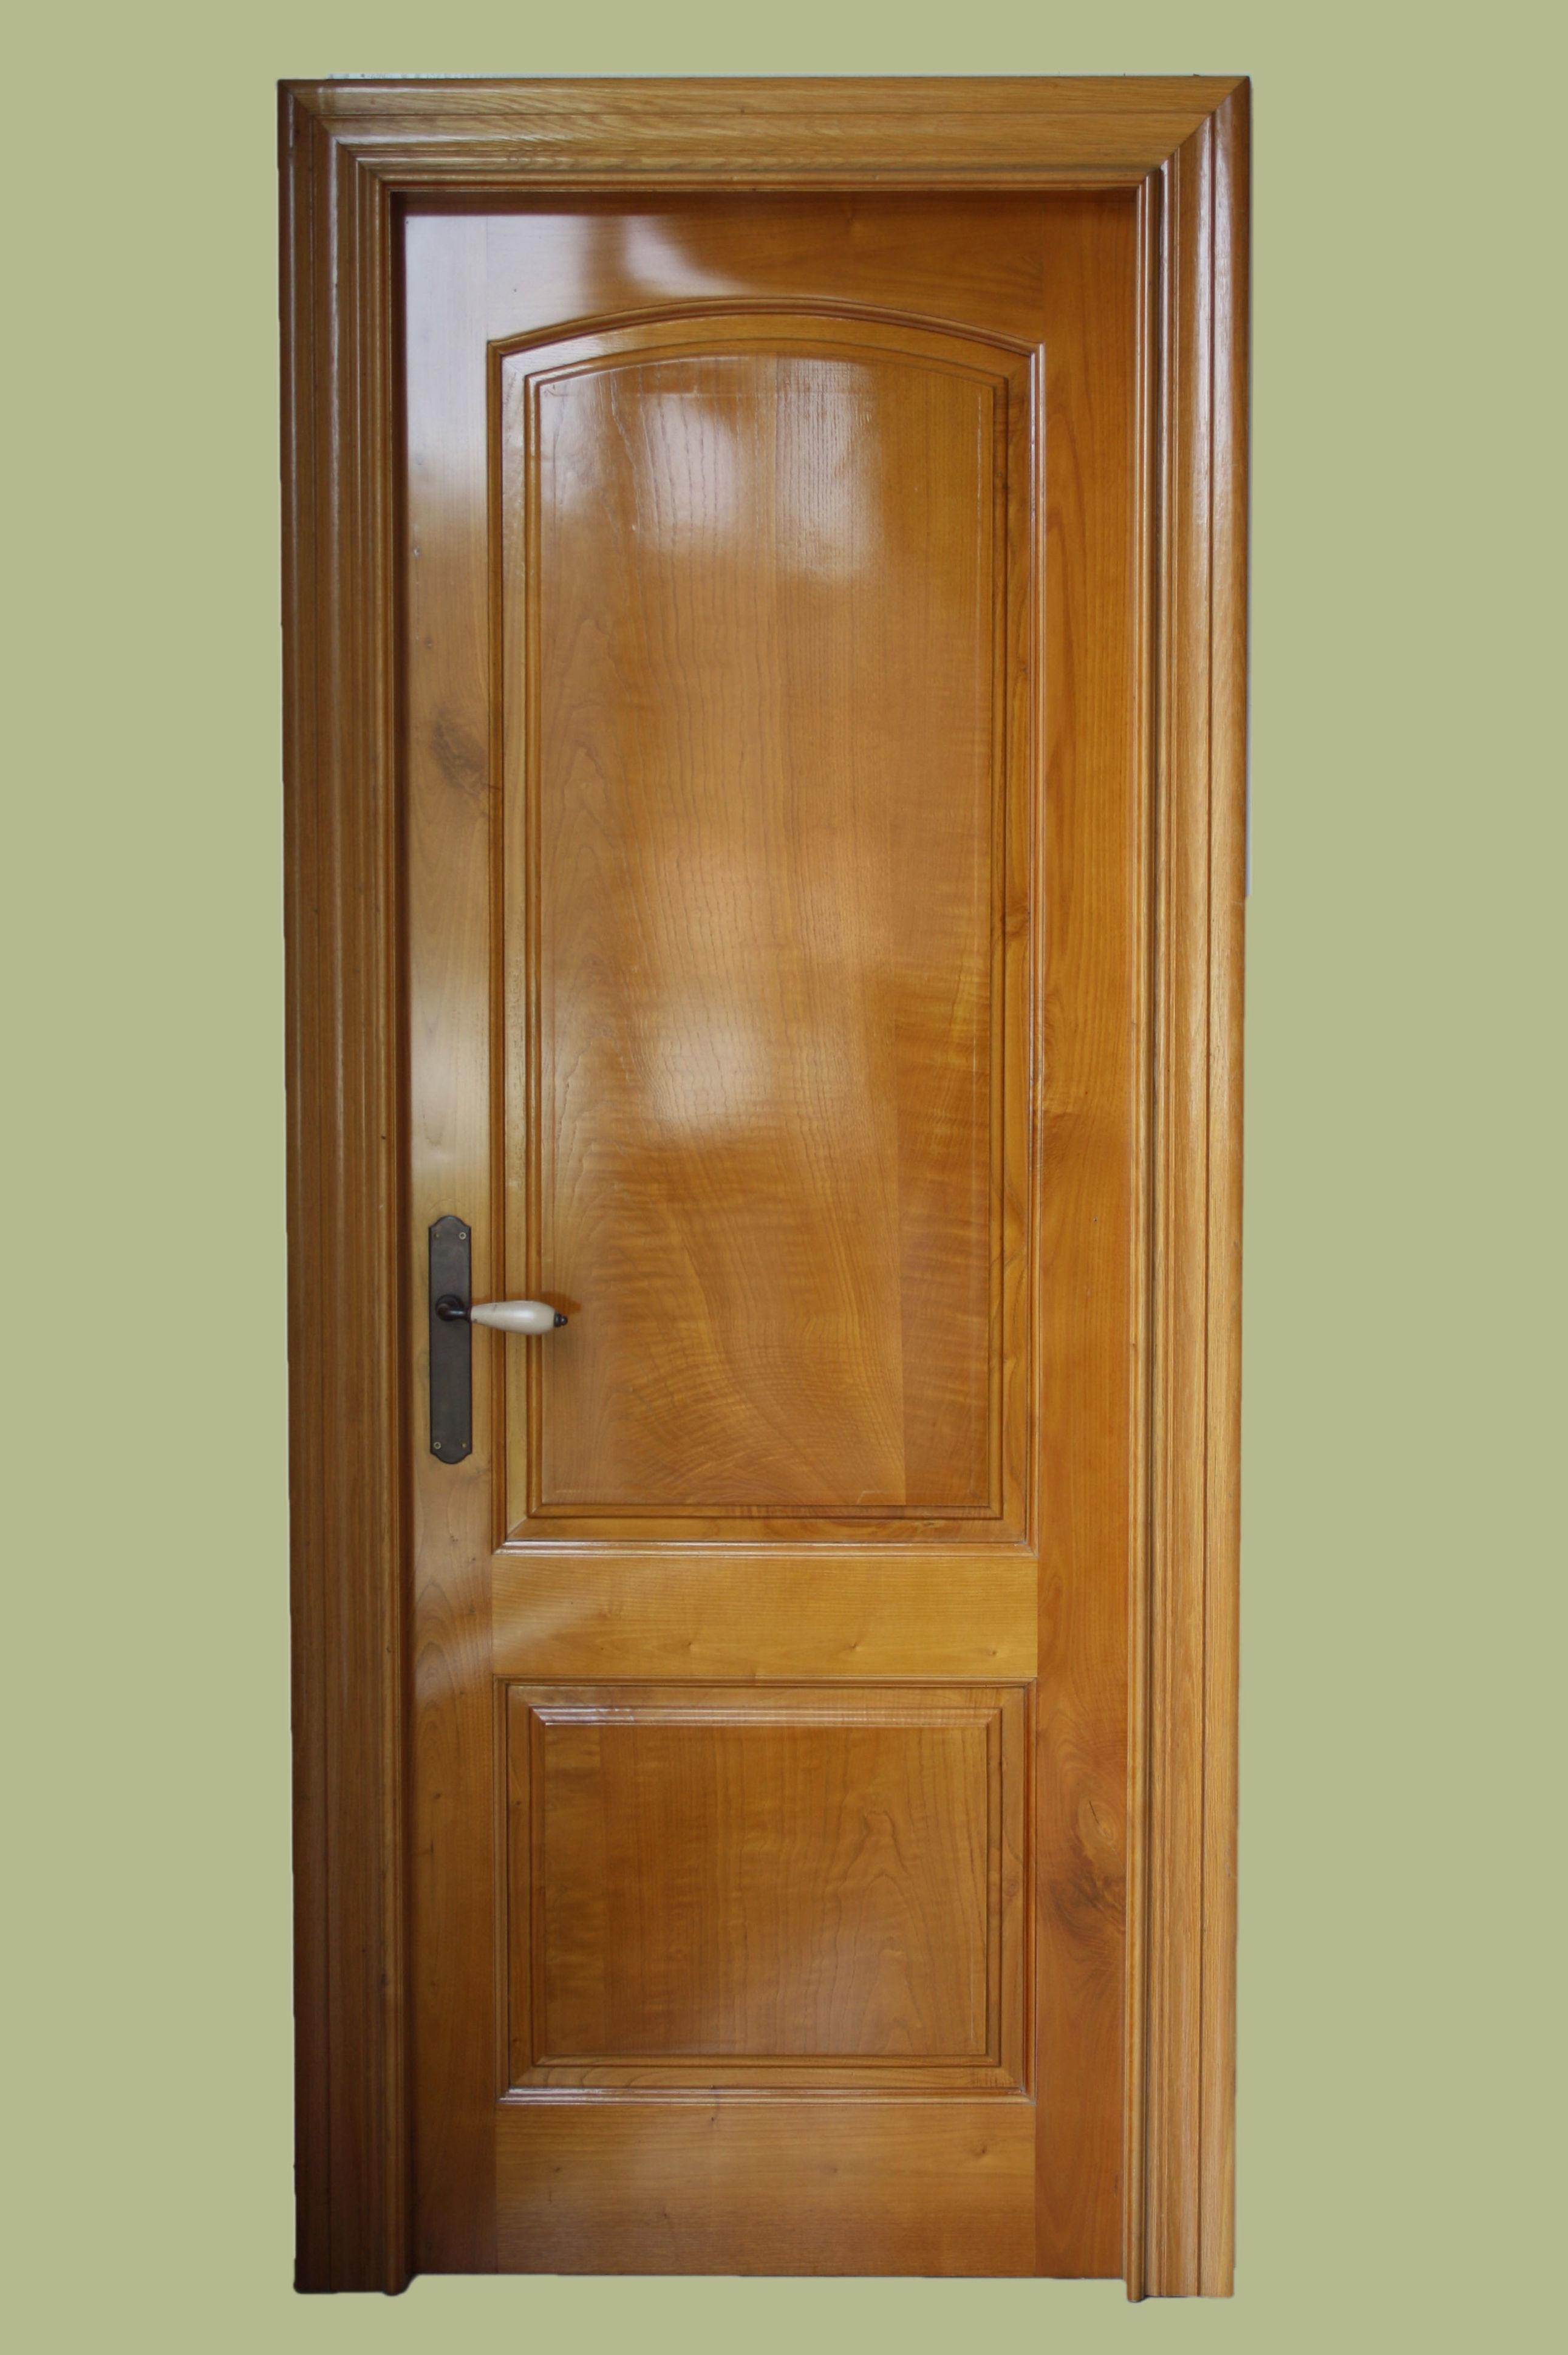 Mod maciza ciega casta o cat logo de puertas y armarios videco - Puertas de castano ...